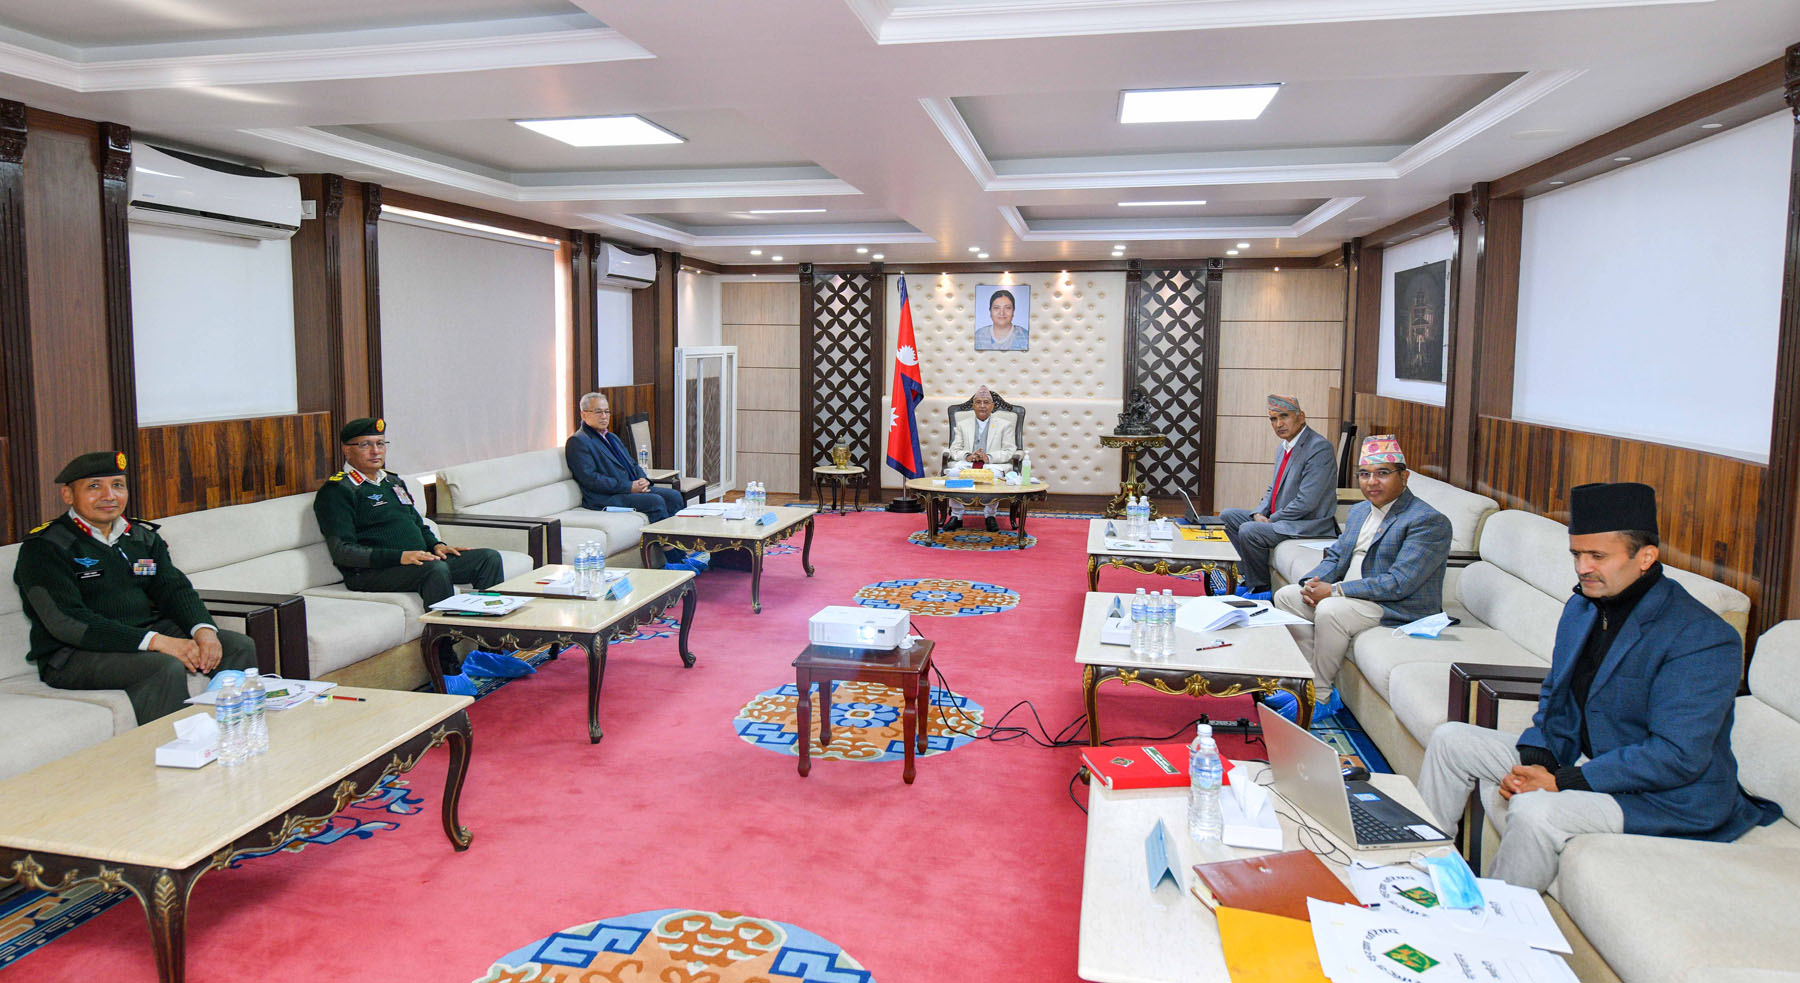 सुुरक्षा परिषद् बैठकमा निर्वाचन सुरक्षा विषयमा छलफल